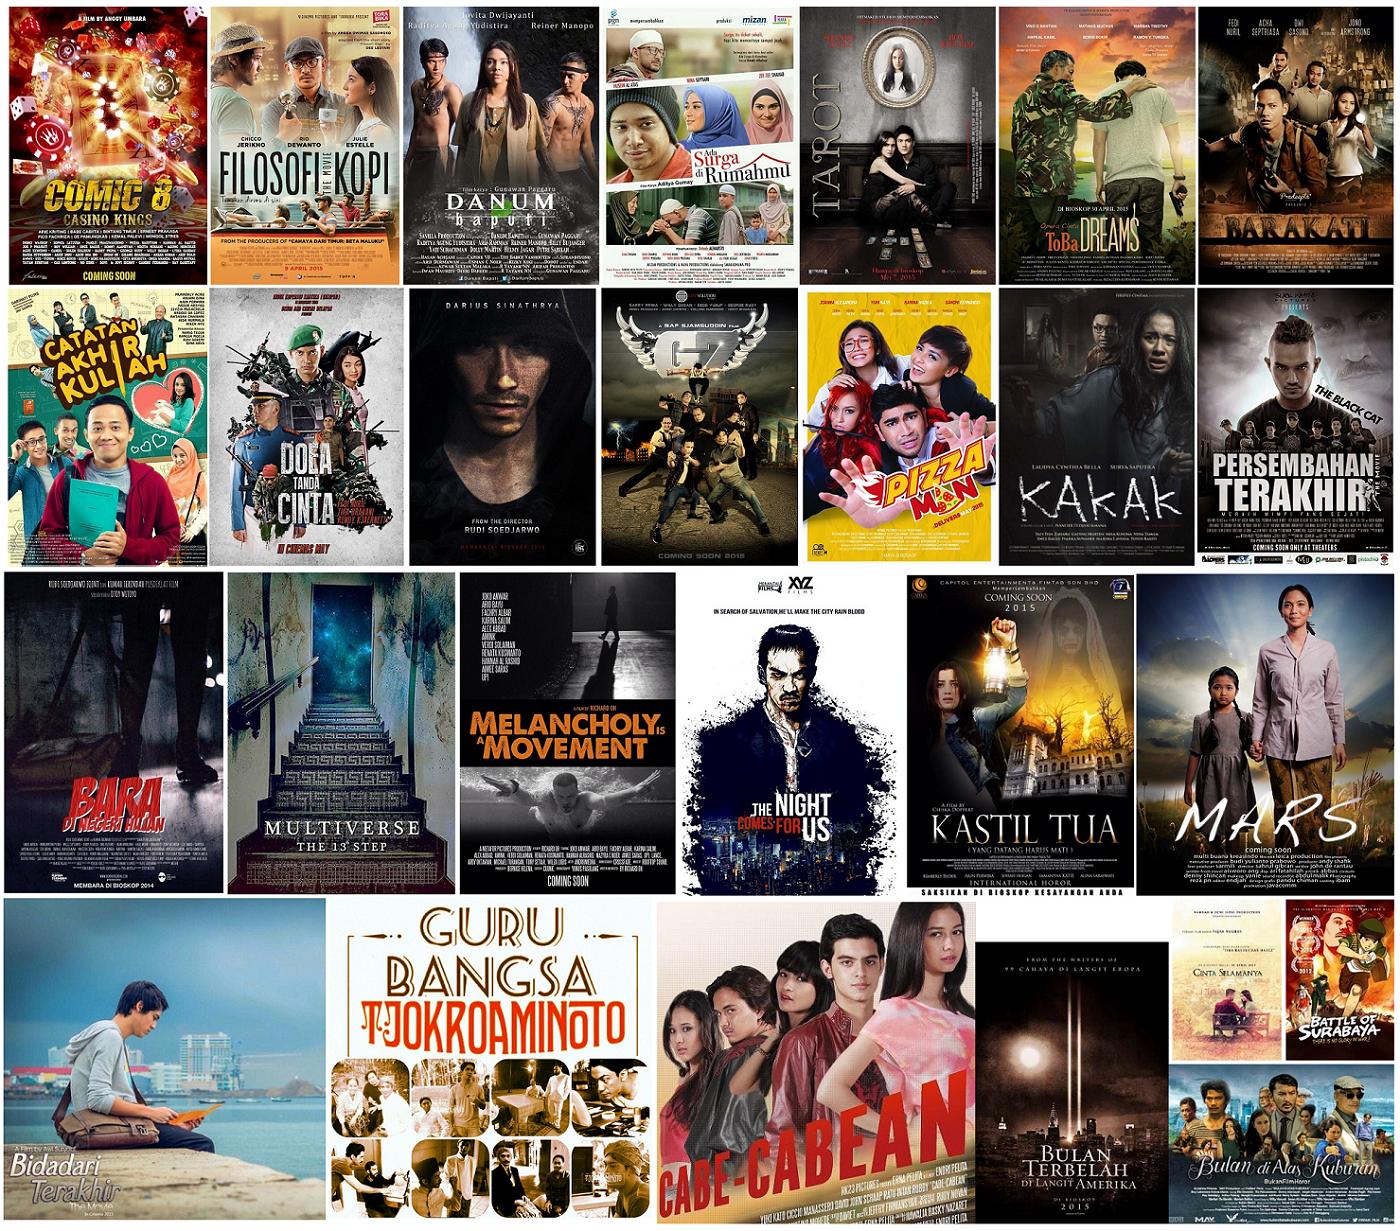 Daftar Film Indonesia Rilis Bioskop Tahun 2015 - Arie Pinoci™